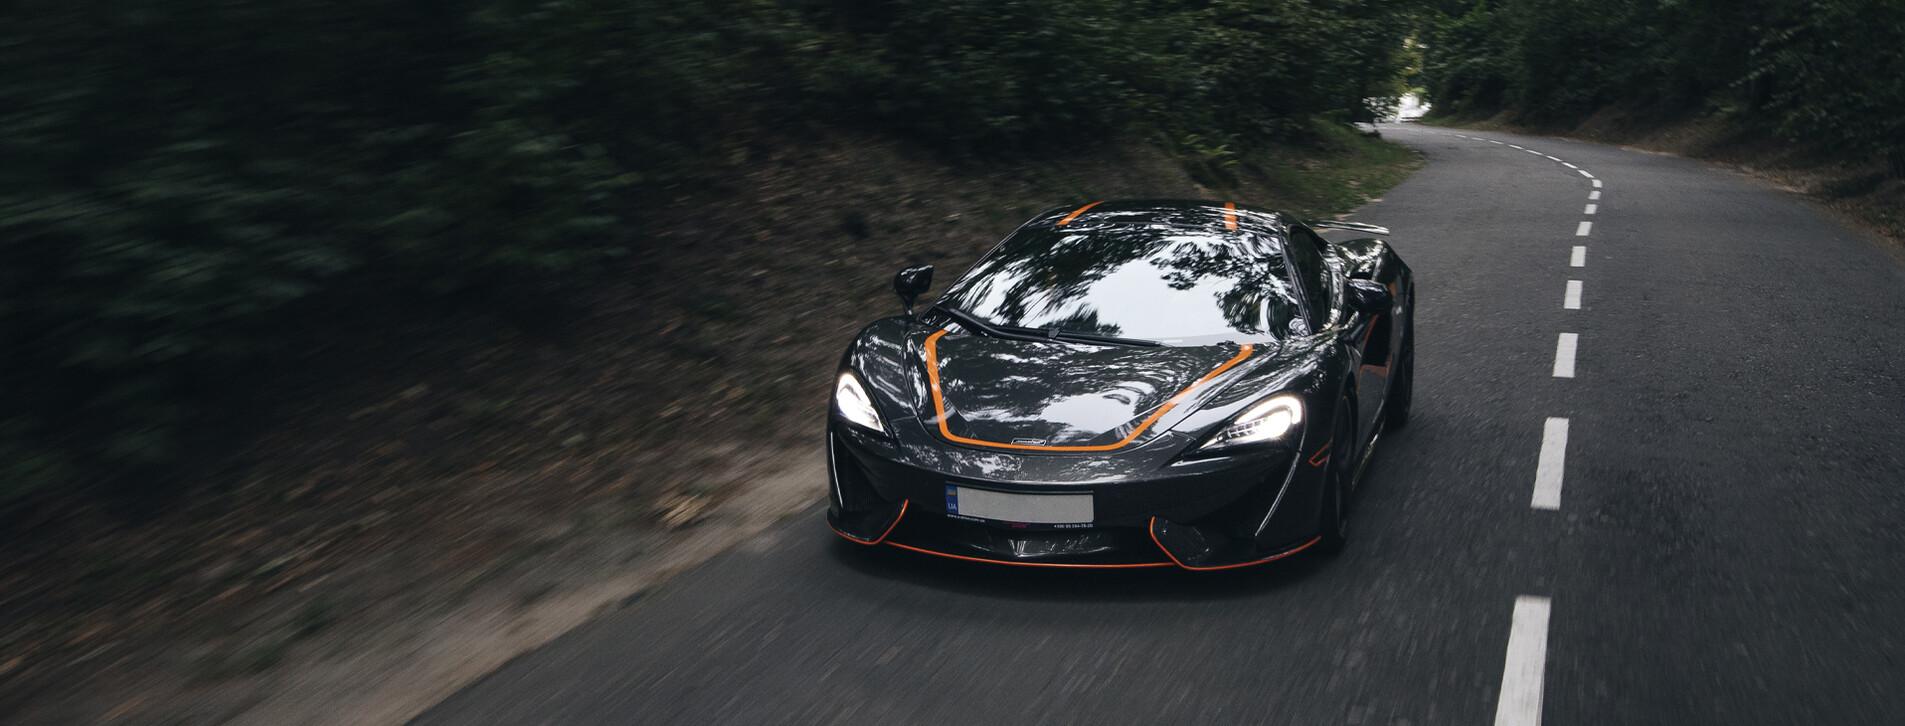 Фото 1 - Тест-драйв суперкара McLaren для двоих